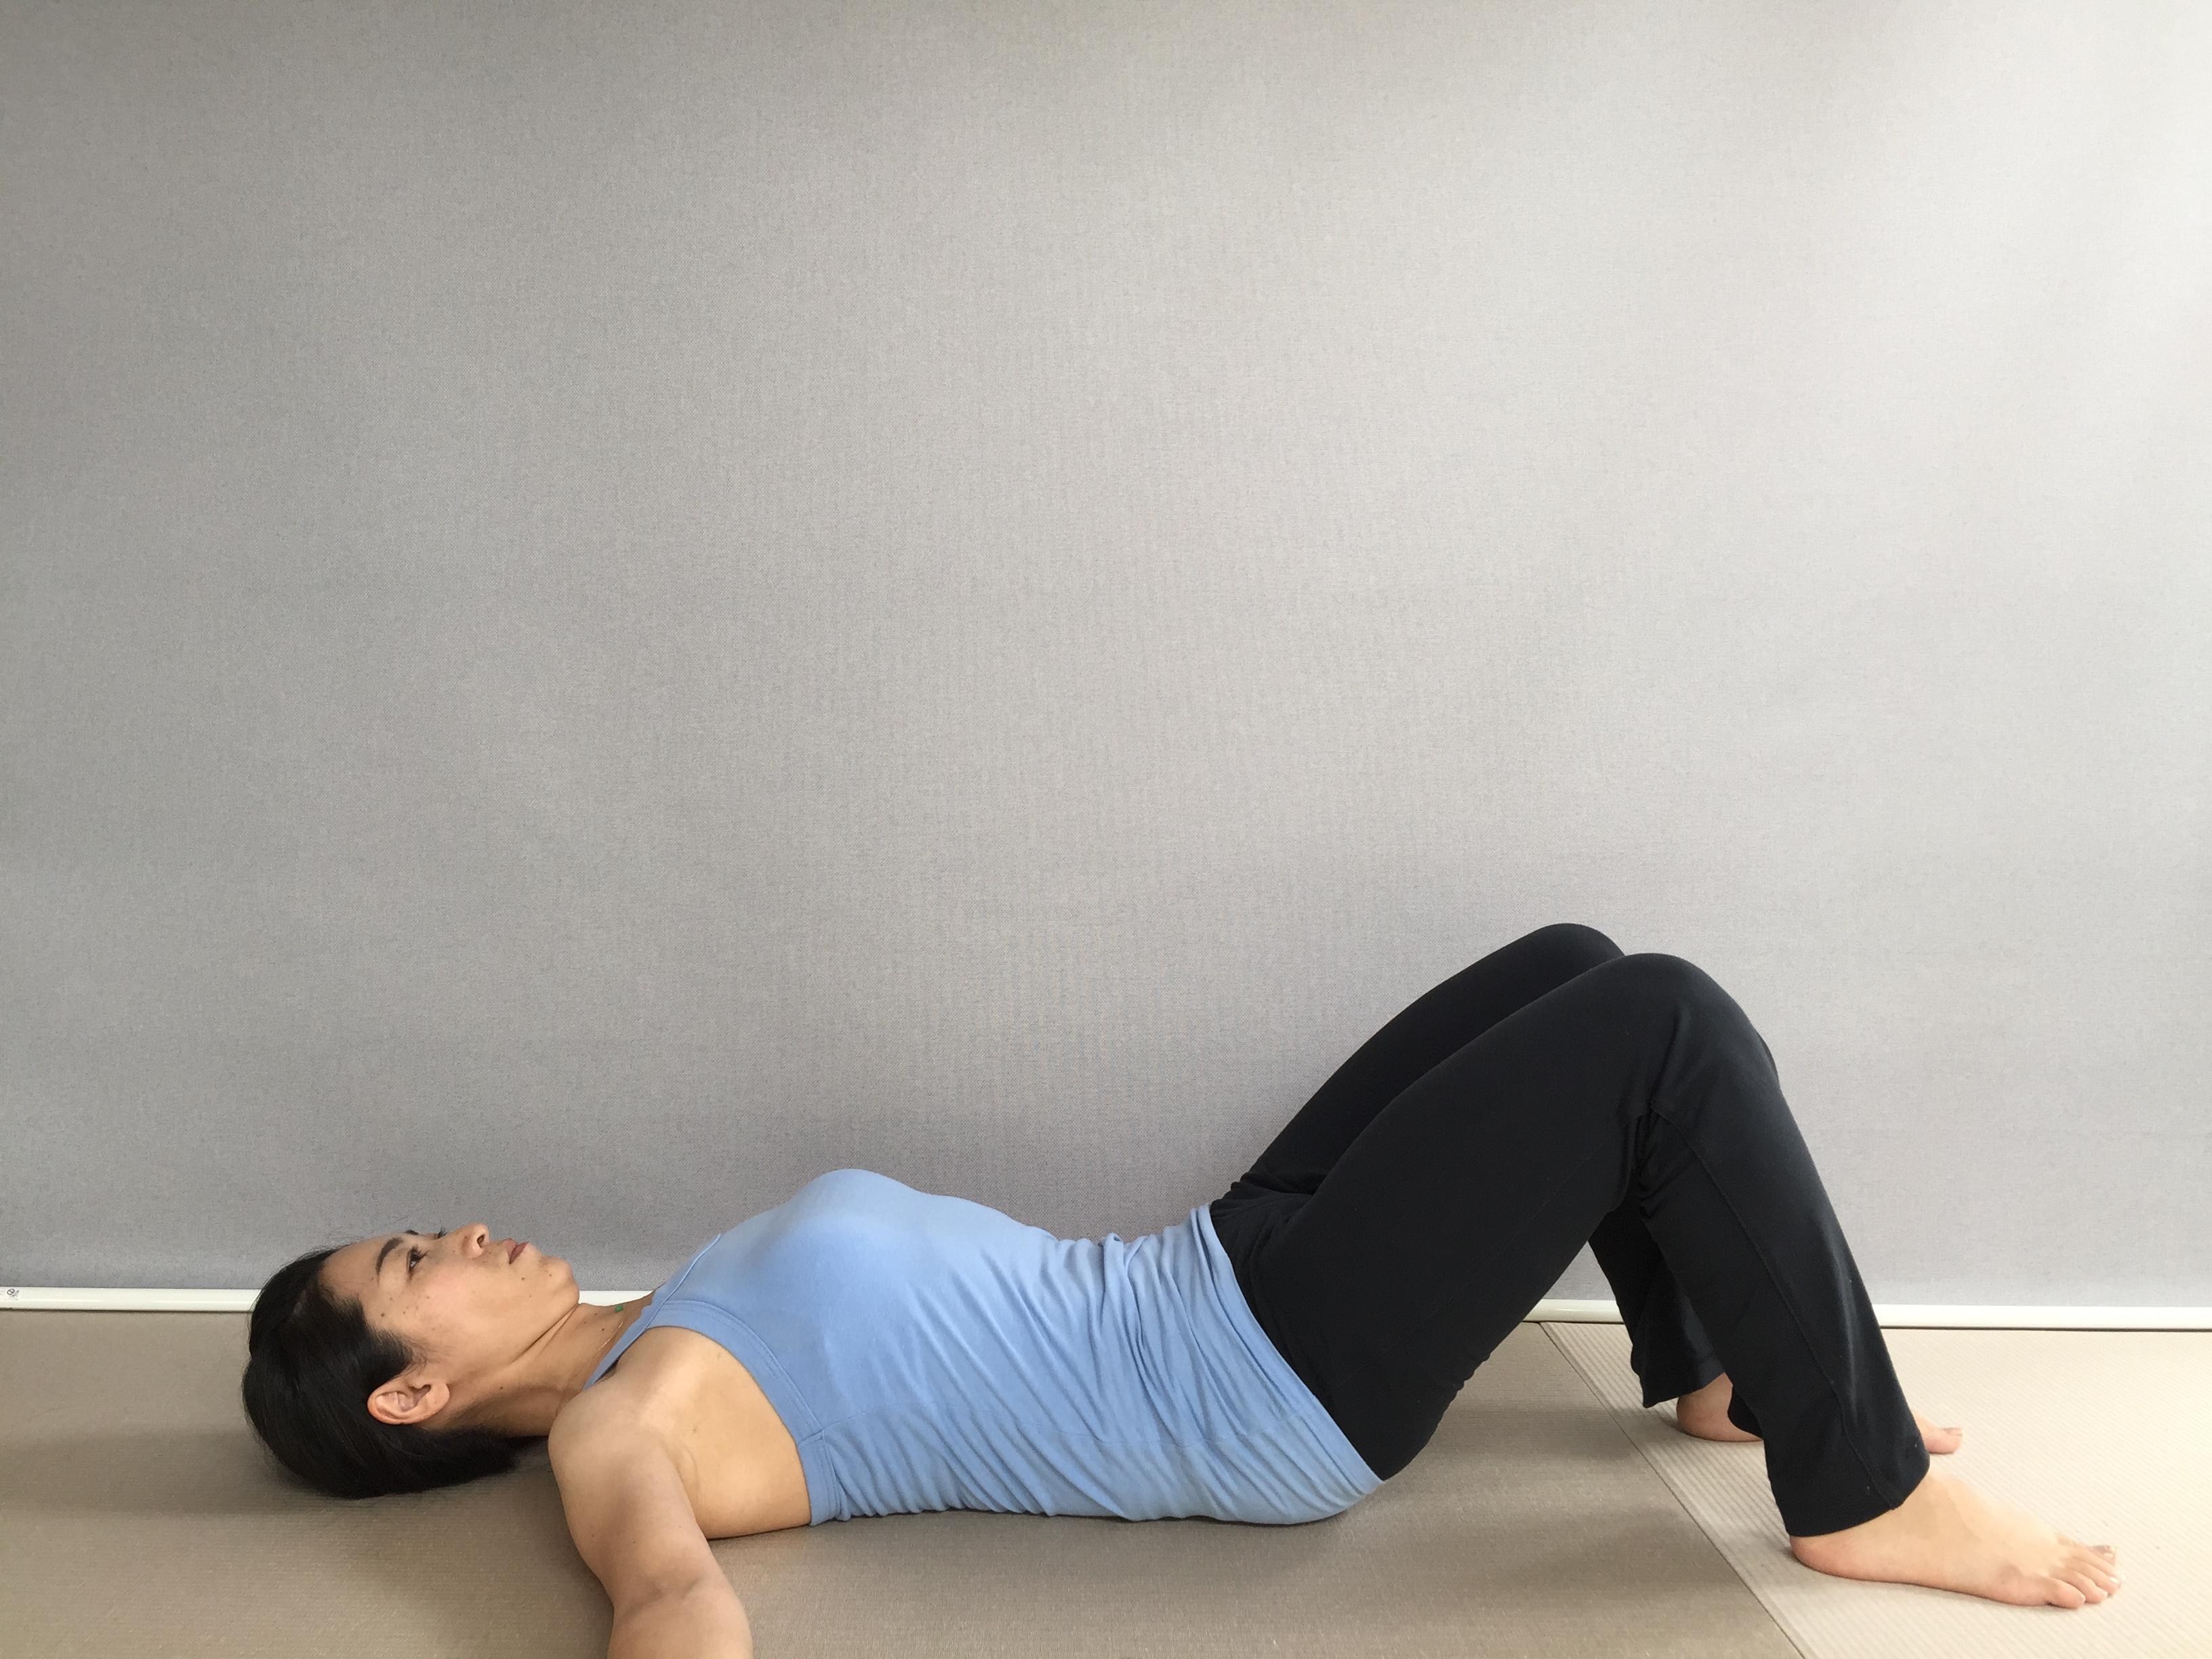 産前産後の体を緩め緊張と不安をほぐしぐっすり眠れる、骨盤呼吸法